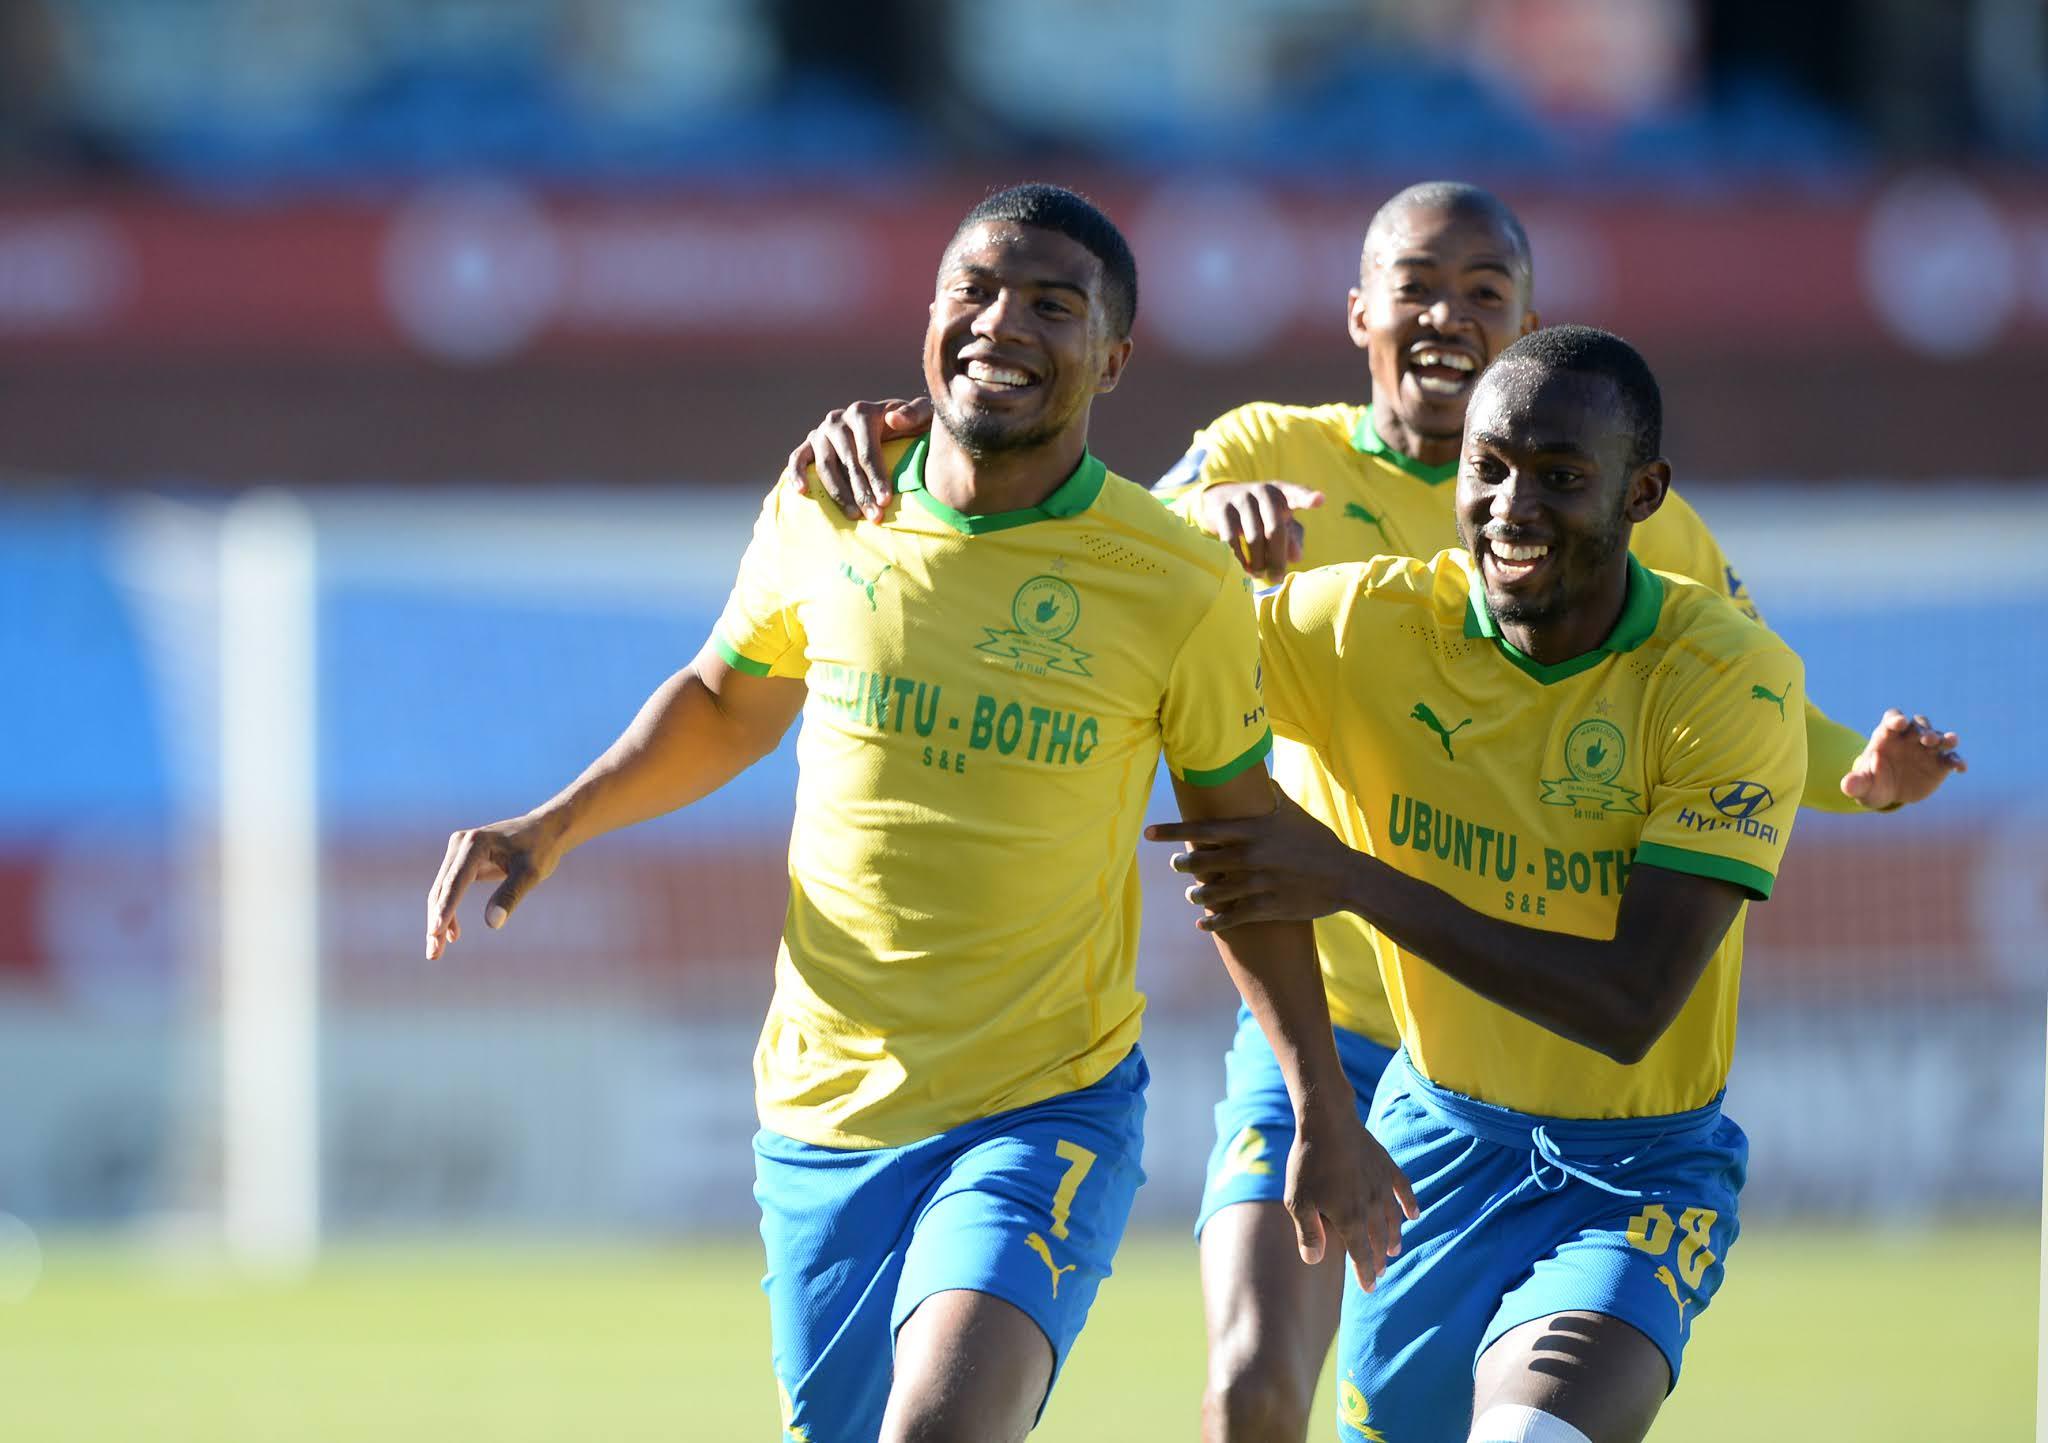 Mamelodi Sundowns left-back Lyle Lakay